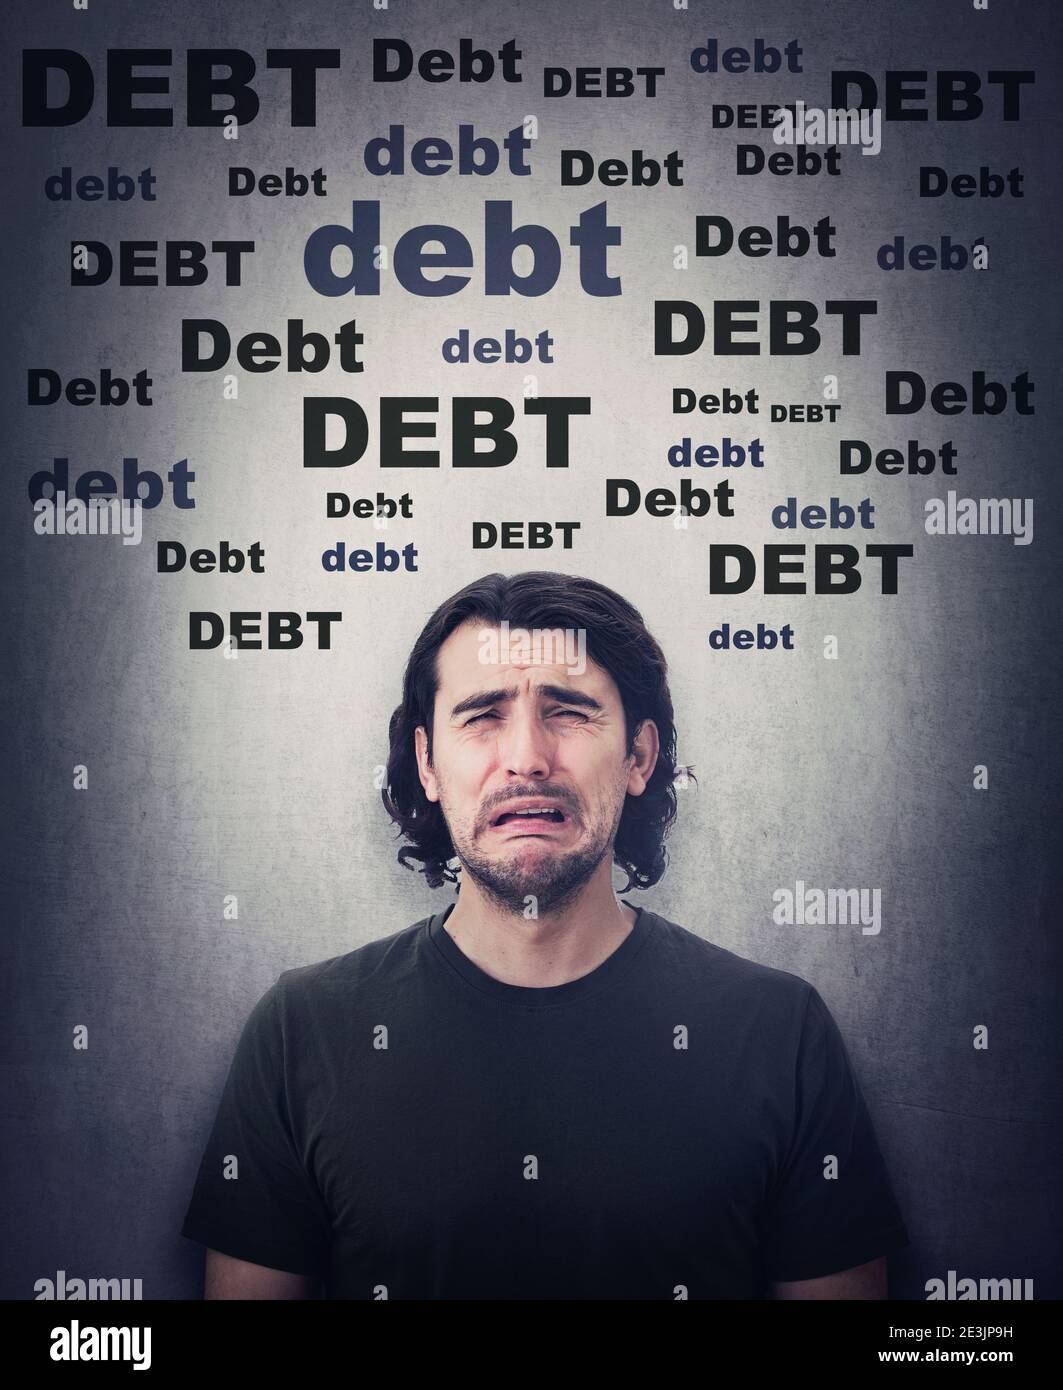 Un hombre desesperado llorando, molesto por la enorme cantidad de deuda. Persona insatisfecha y estresada sollozando y llorando, ya que no tiene dinero. Problemas financieros, créditos Foto de stock